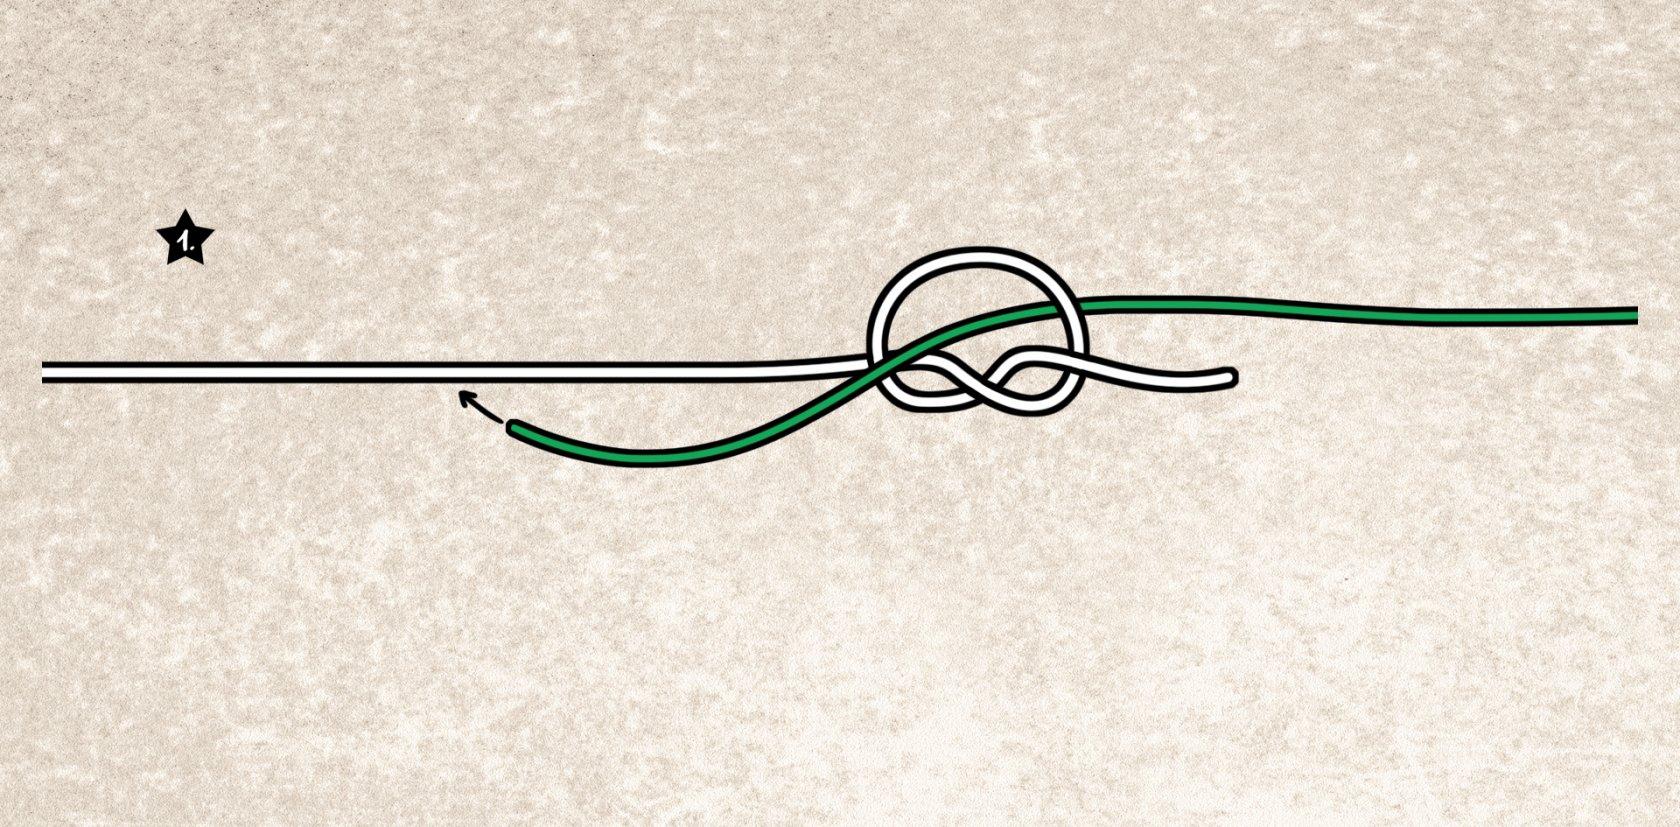 Schlagschnurknoten für geflochtene und monofile